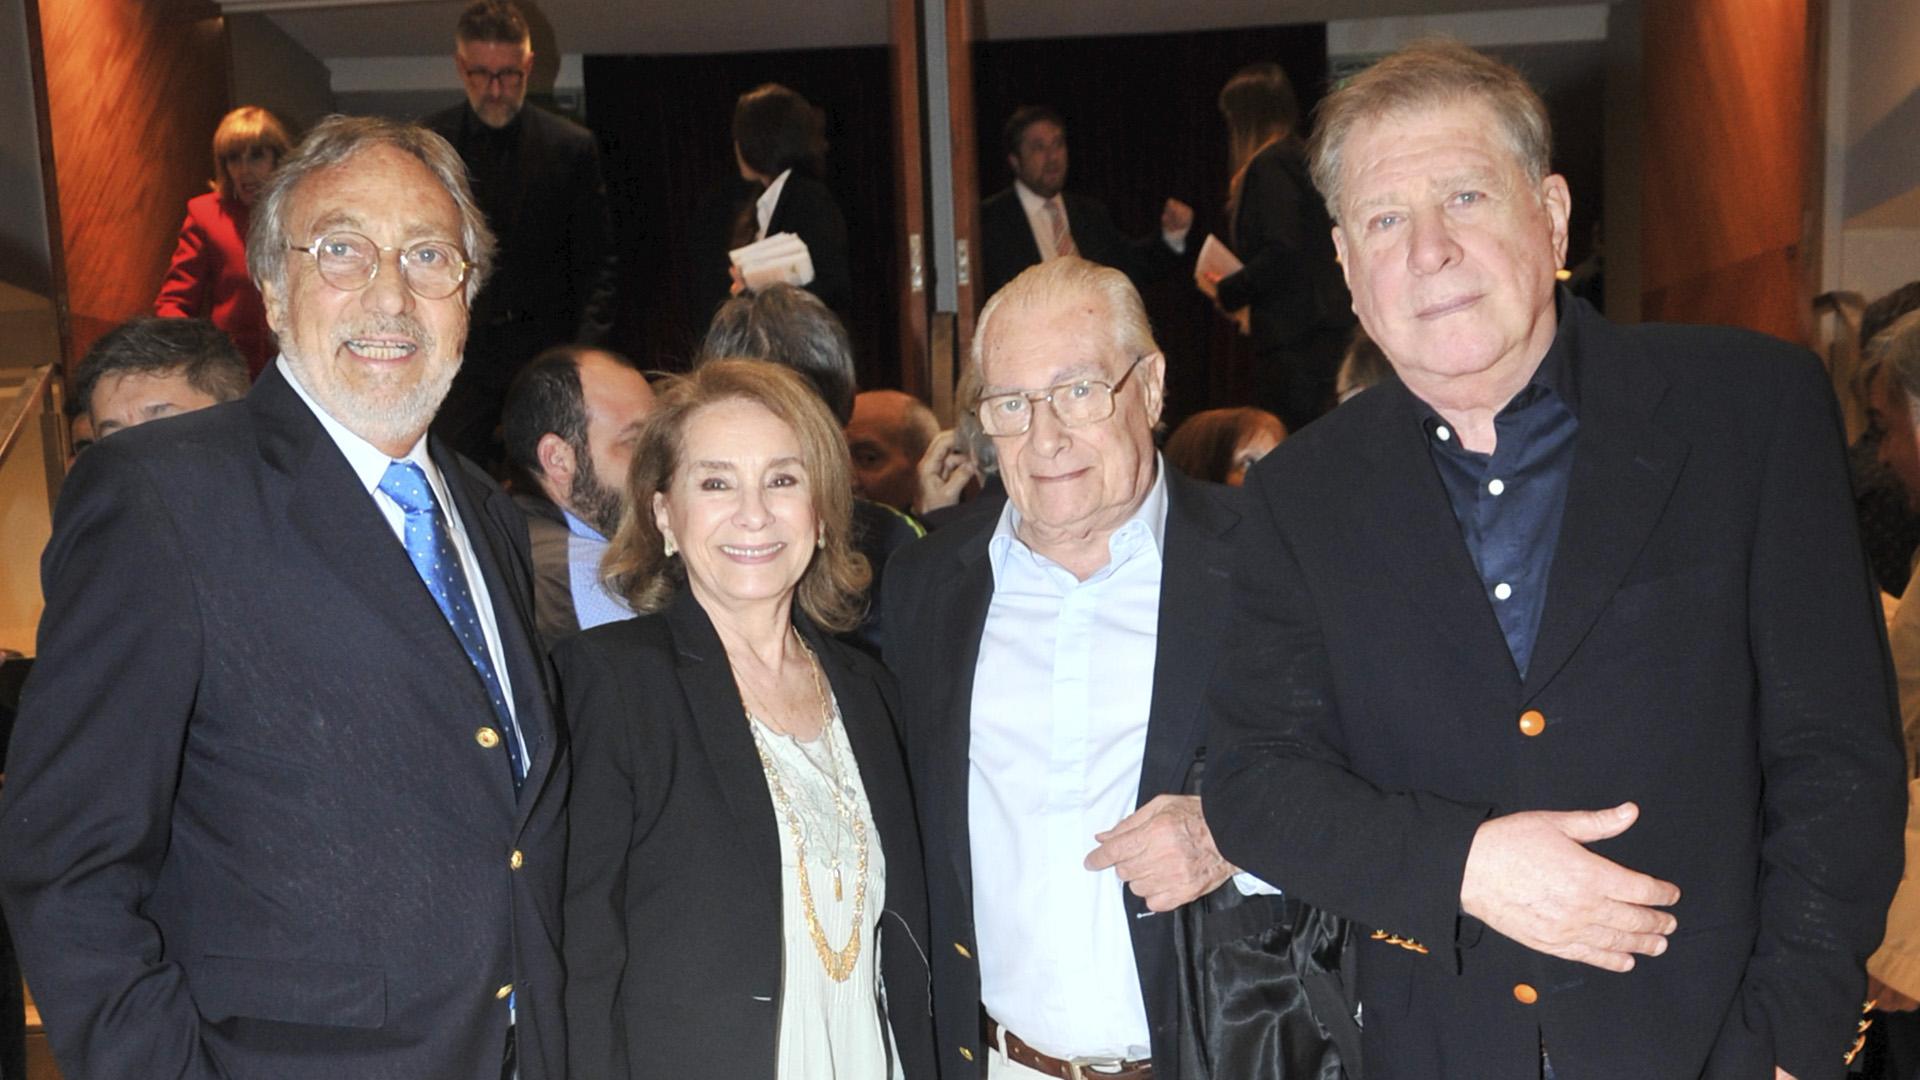 Luis Brandoni, Selva Alemán y Arturo Puig, también presentes (Teleshow)